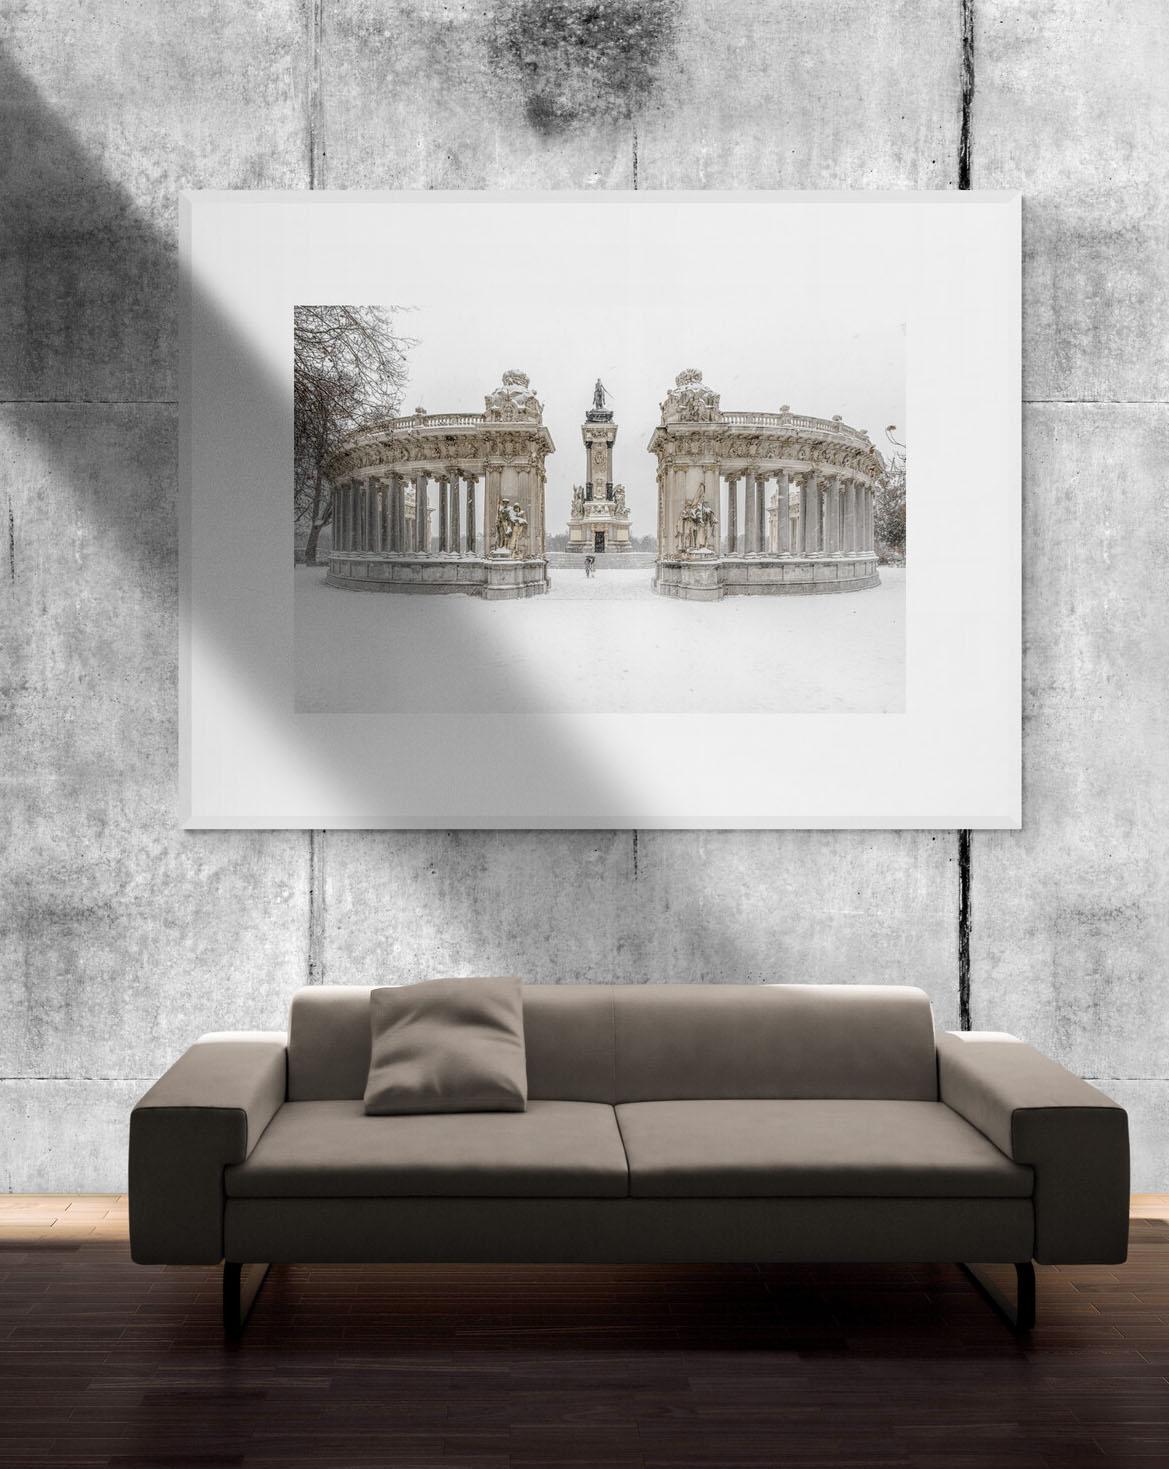 Filomena. Madrid Nevado, Monumento a Alfonso XII en el Parque del Retiro, por Adolfo Gosálvez. Venta de Fotografía de autor en edición limitada. AG Shop